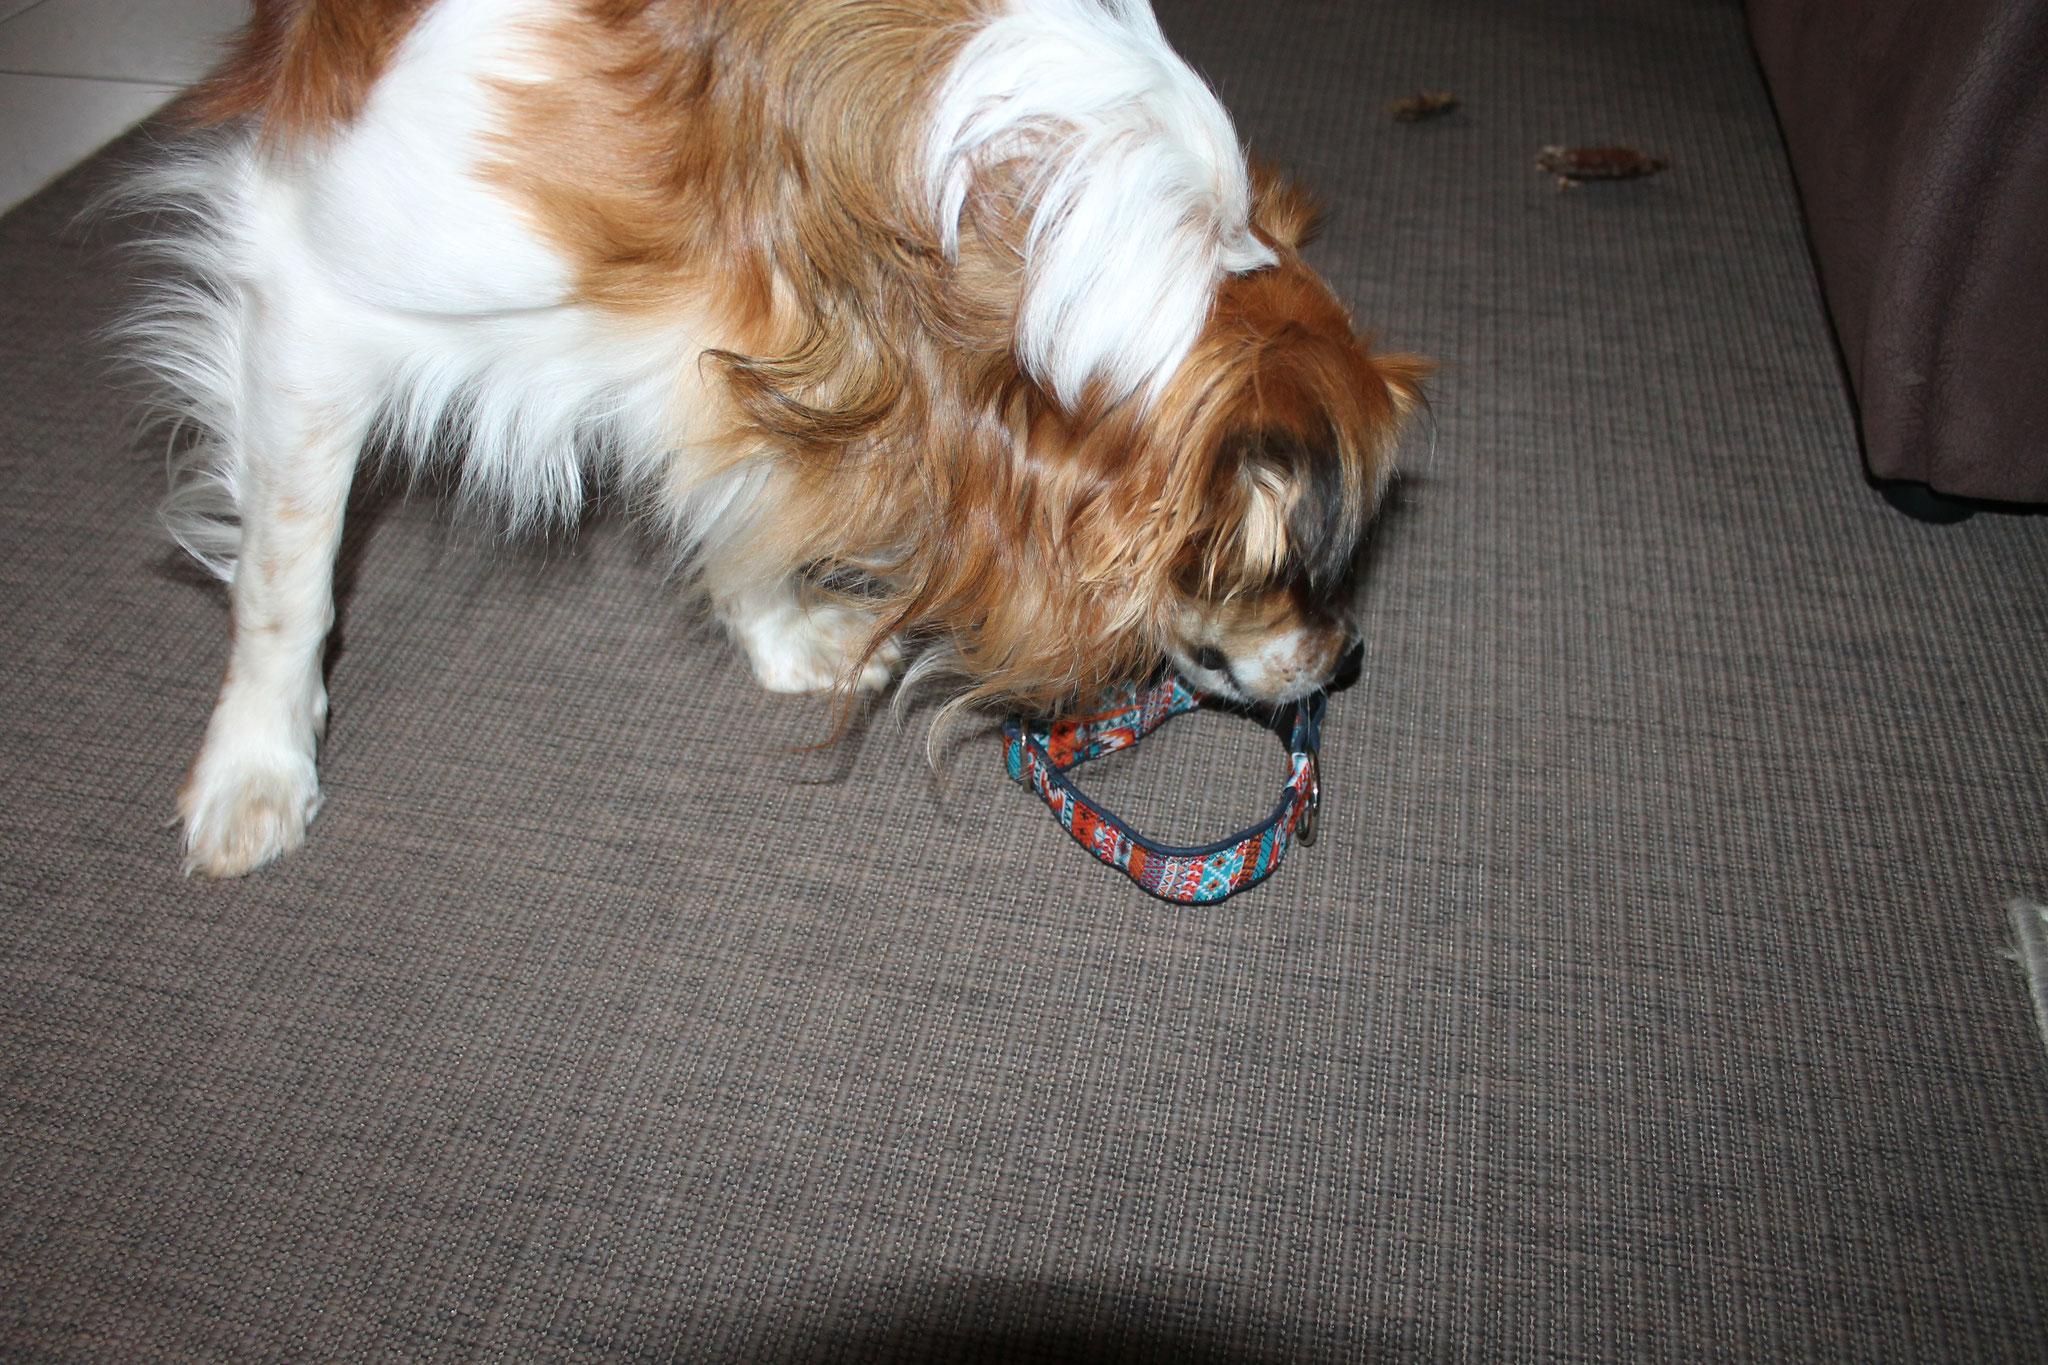 Oh, Frauchen hat ein neues Halsband genäht...